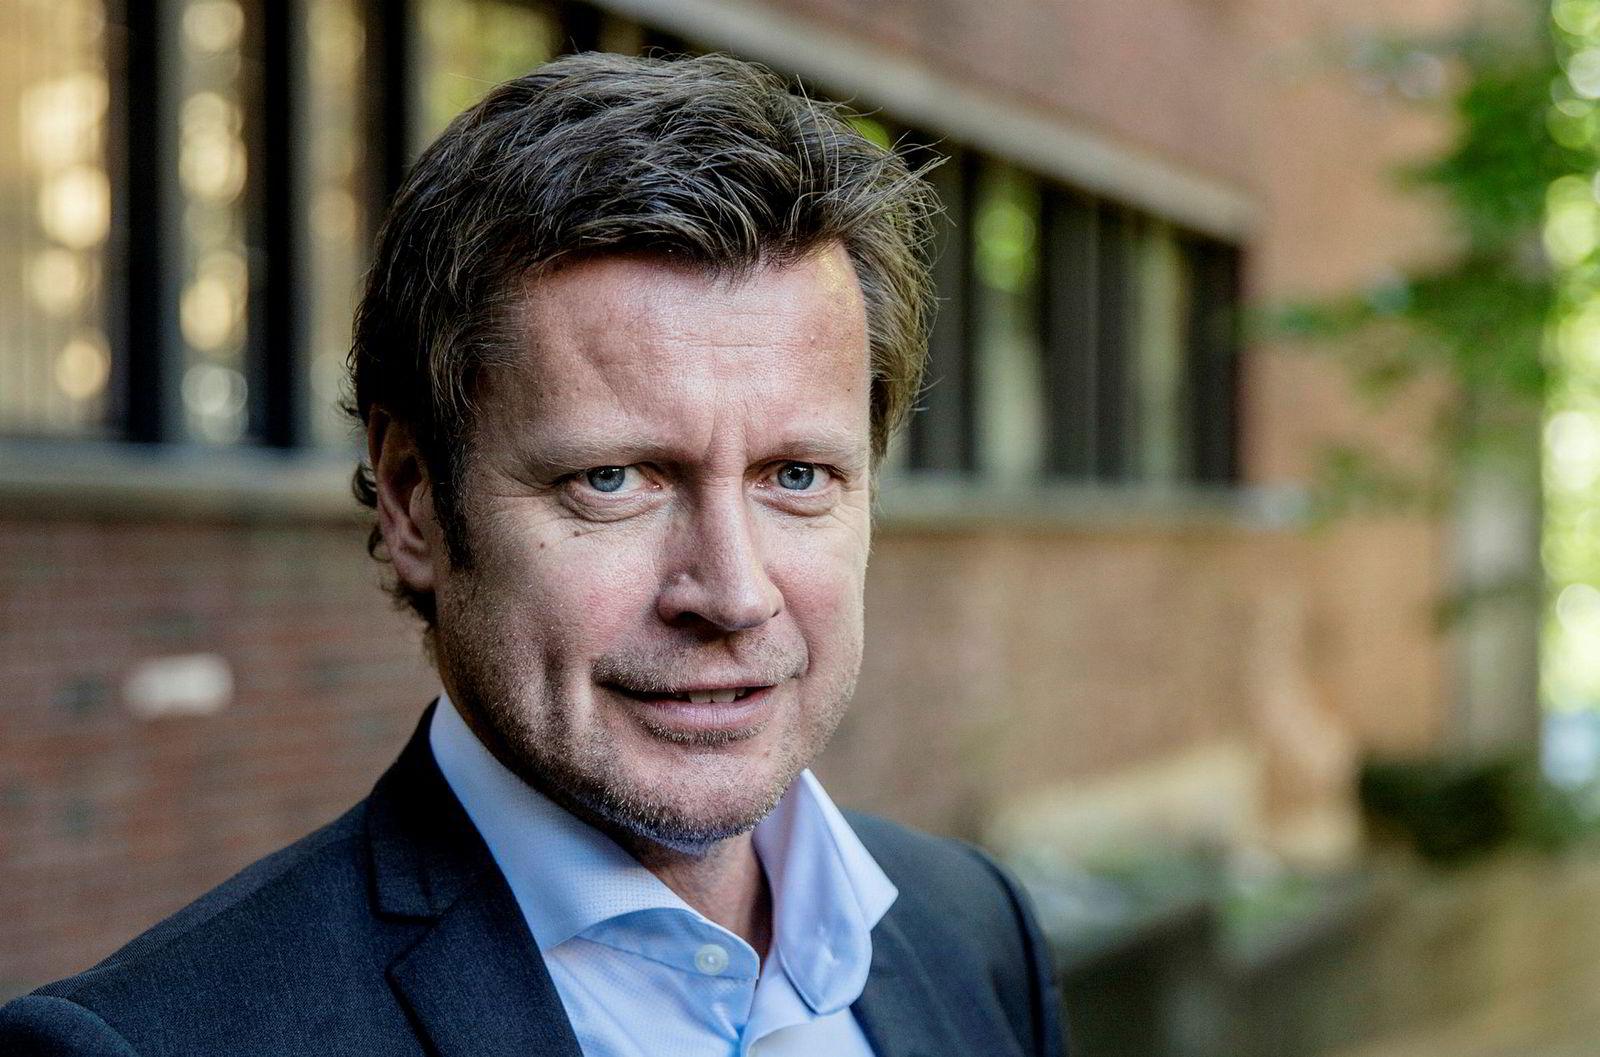 Kanaldirektør i TV 2, Trygve Rønningen, påpeker at en nedgang fra i fjor skyldes fjorårets populære fotball-VM for herrer, som gikk i månedsskiftet juni og juli.